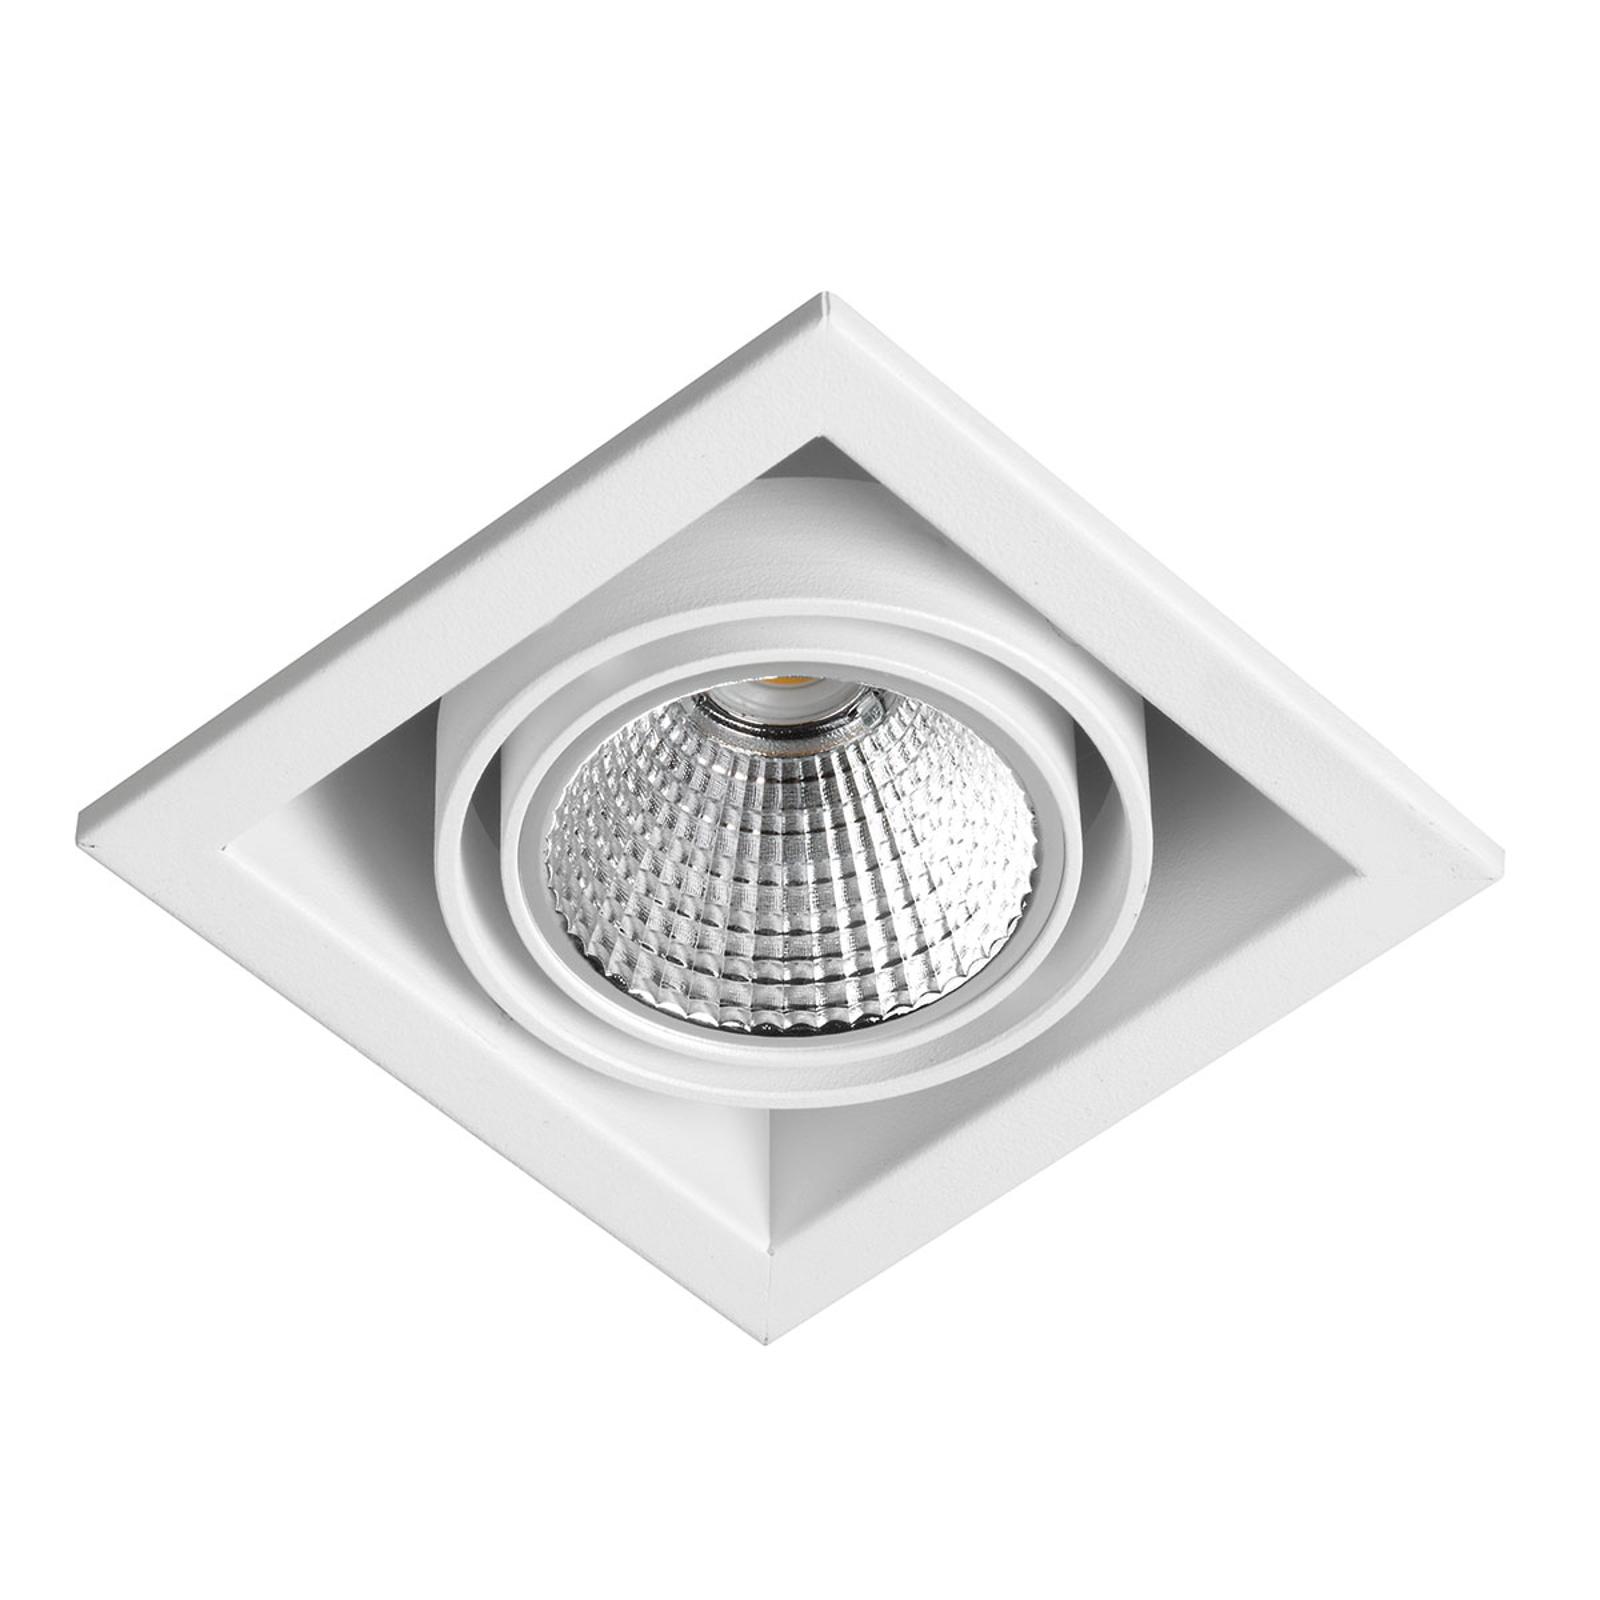 Acquista Zipar Uno Recessed spot LED incasso